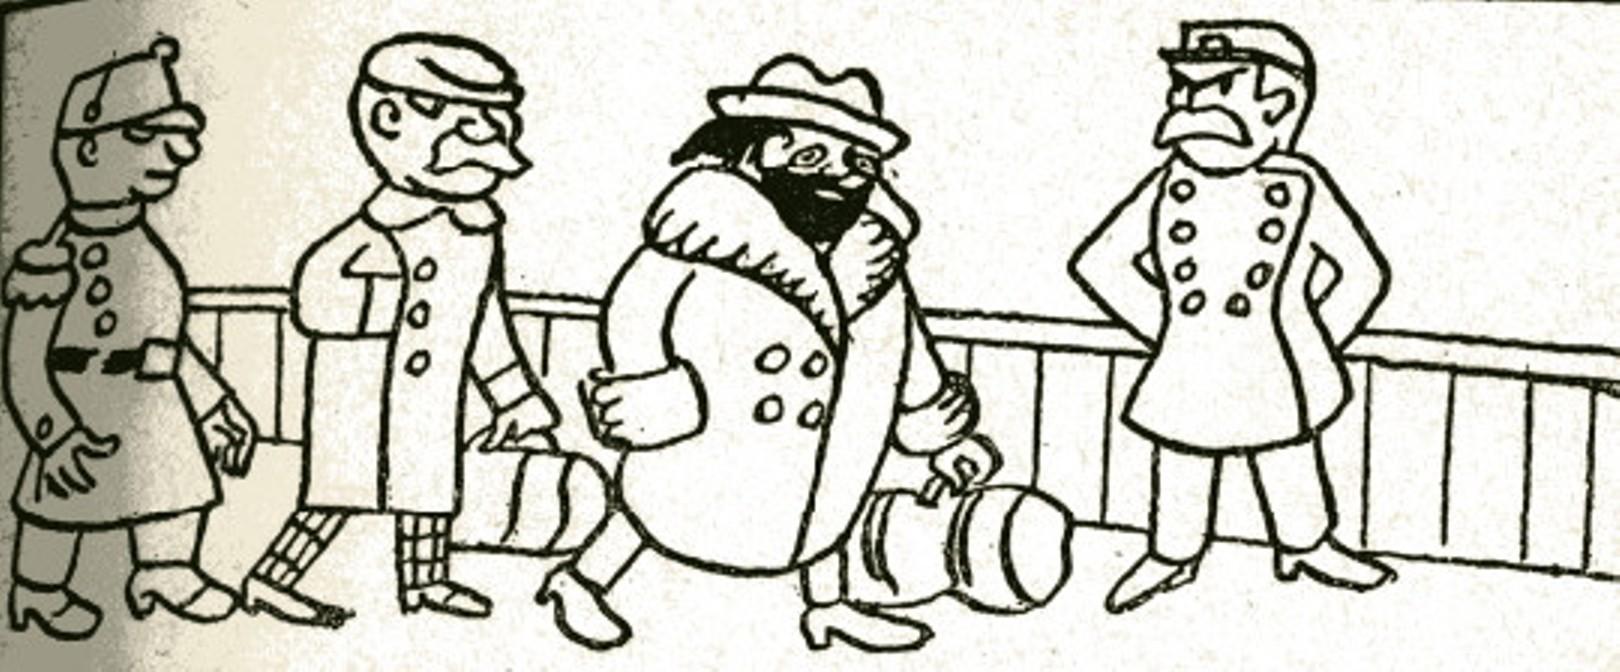 Image - Pronostics pour l'année 1899